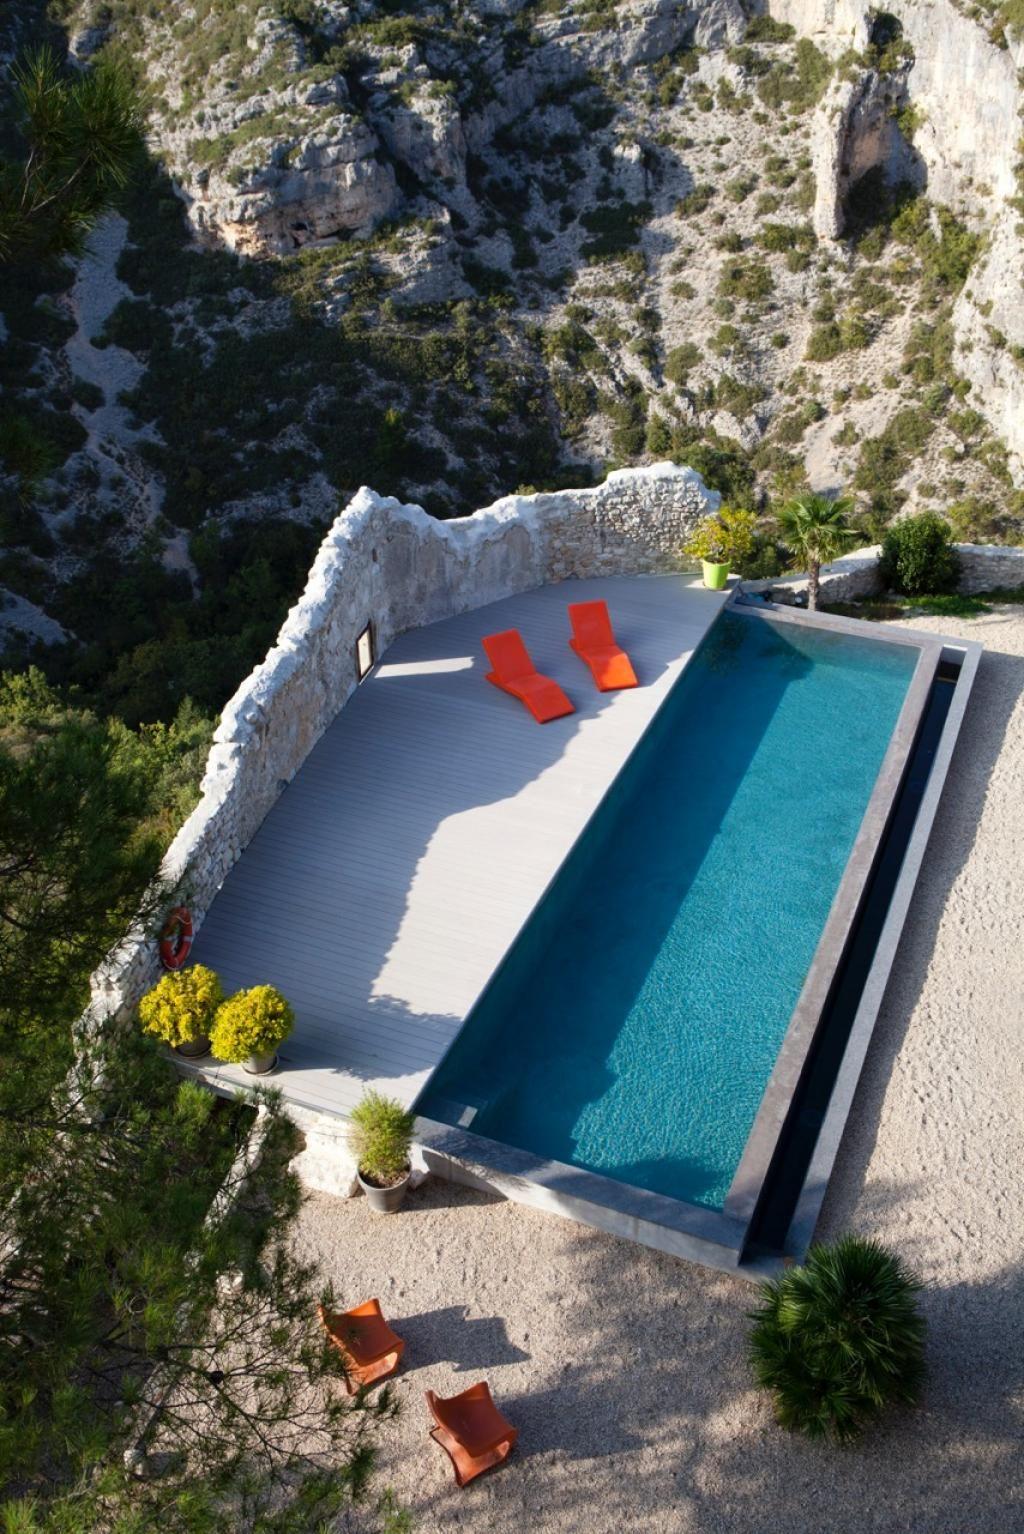 Chambre d 39 h tes deco en provence plong e dans l 39 azur la piscine d ploie son miroir sur la - Chambre d hotes aix en provence piscine ...